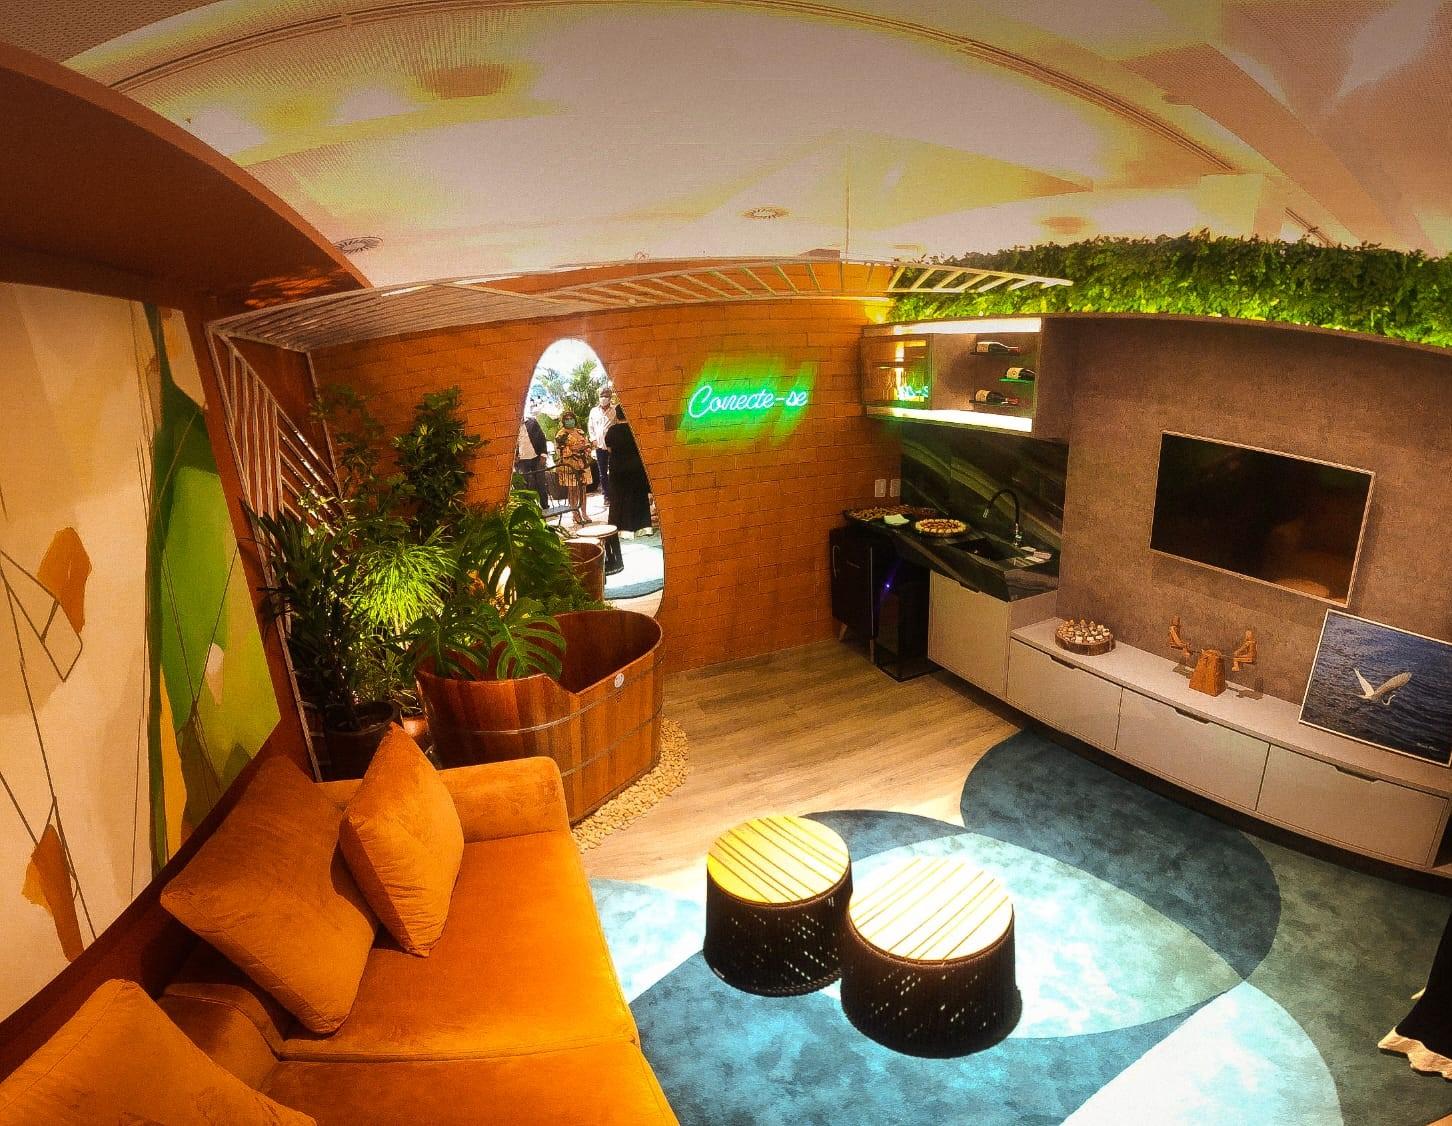 O ambiente foi desenvolvido com cores que remetem a natureza, proporcionando uma conexão natural dentro de casa Crédito - Divulgação .jpeg